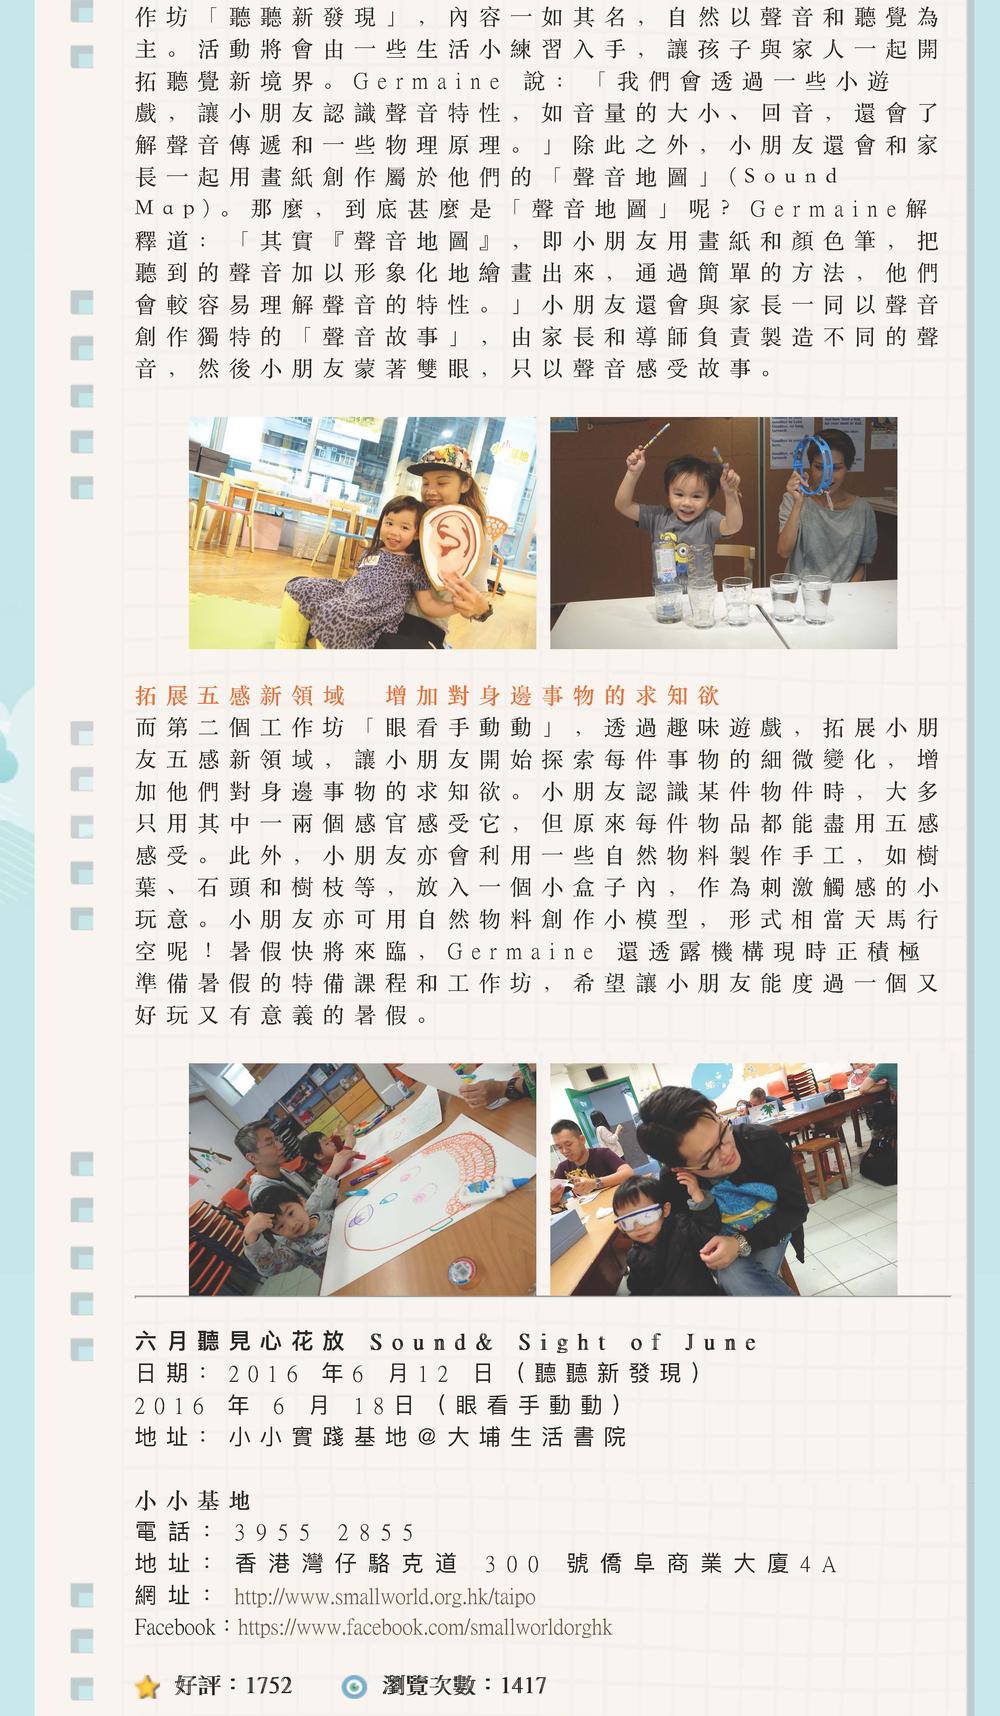 家長學堂 - 六月聽見心花放 以五感體驗世界 - EVI兒童教育資訊網_Page_2.jpg